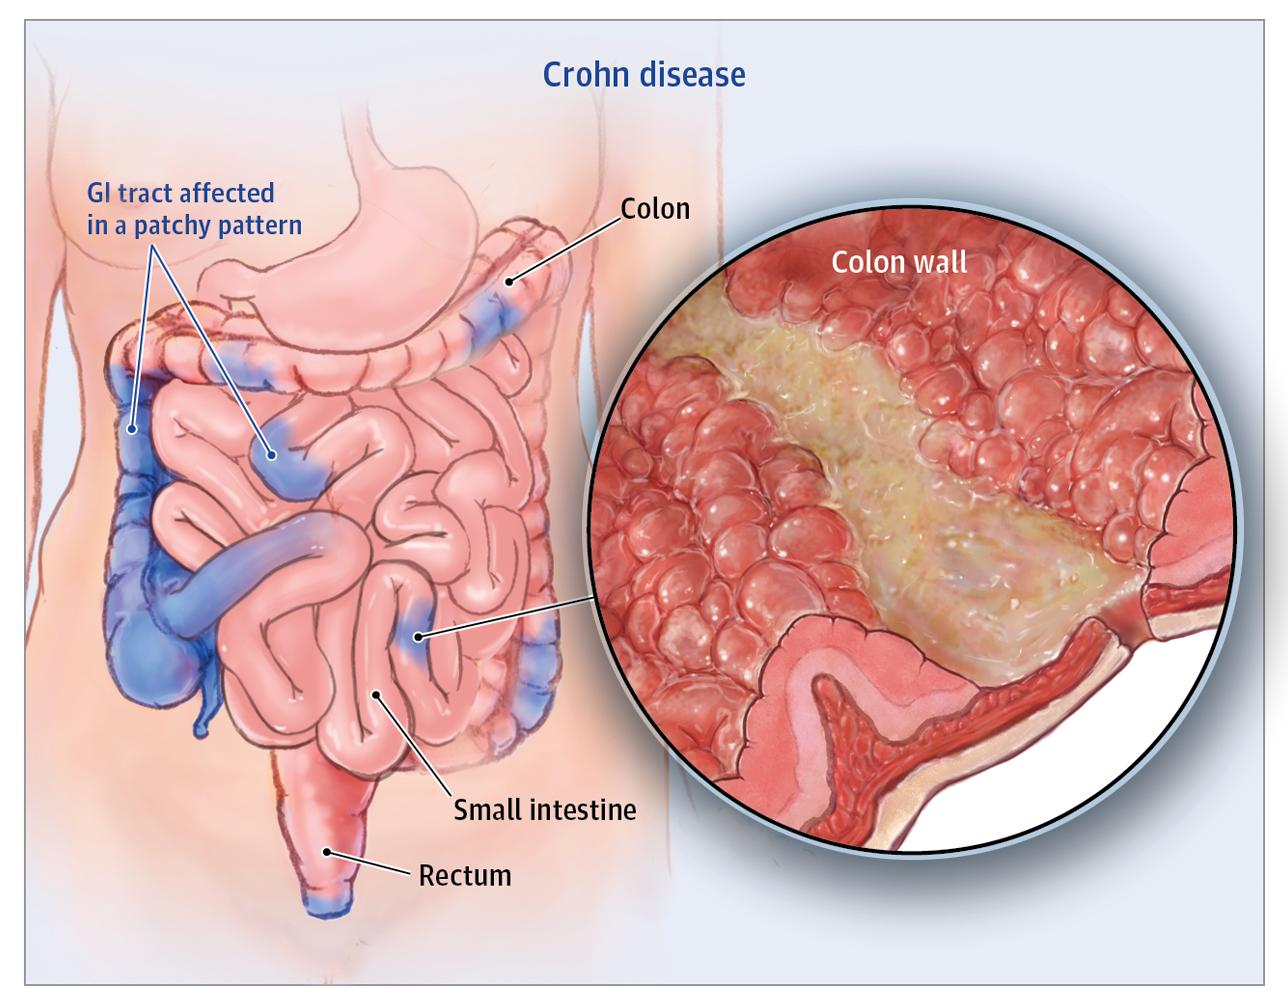 بیماری کرون یکی از بیماریهای التهابی مزمن روده